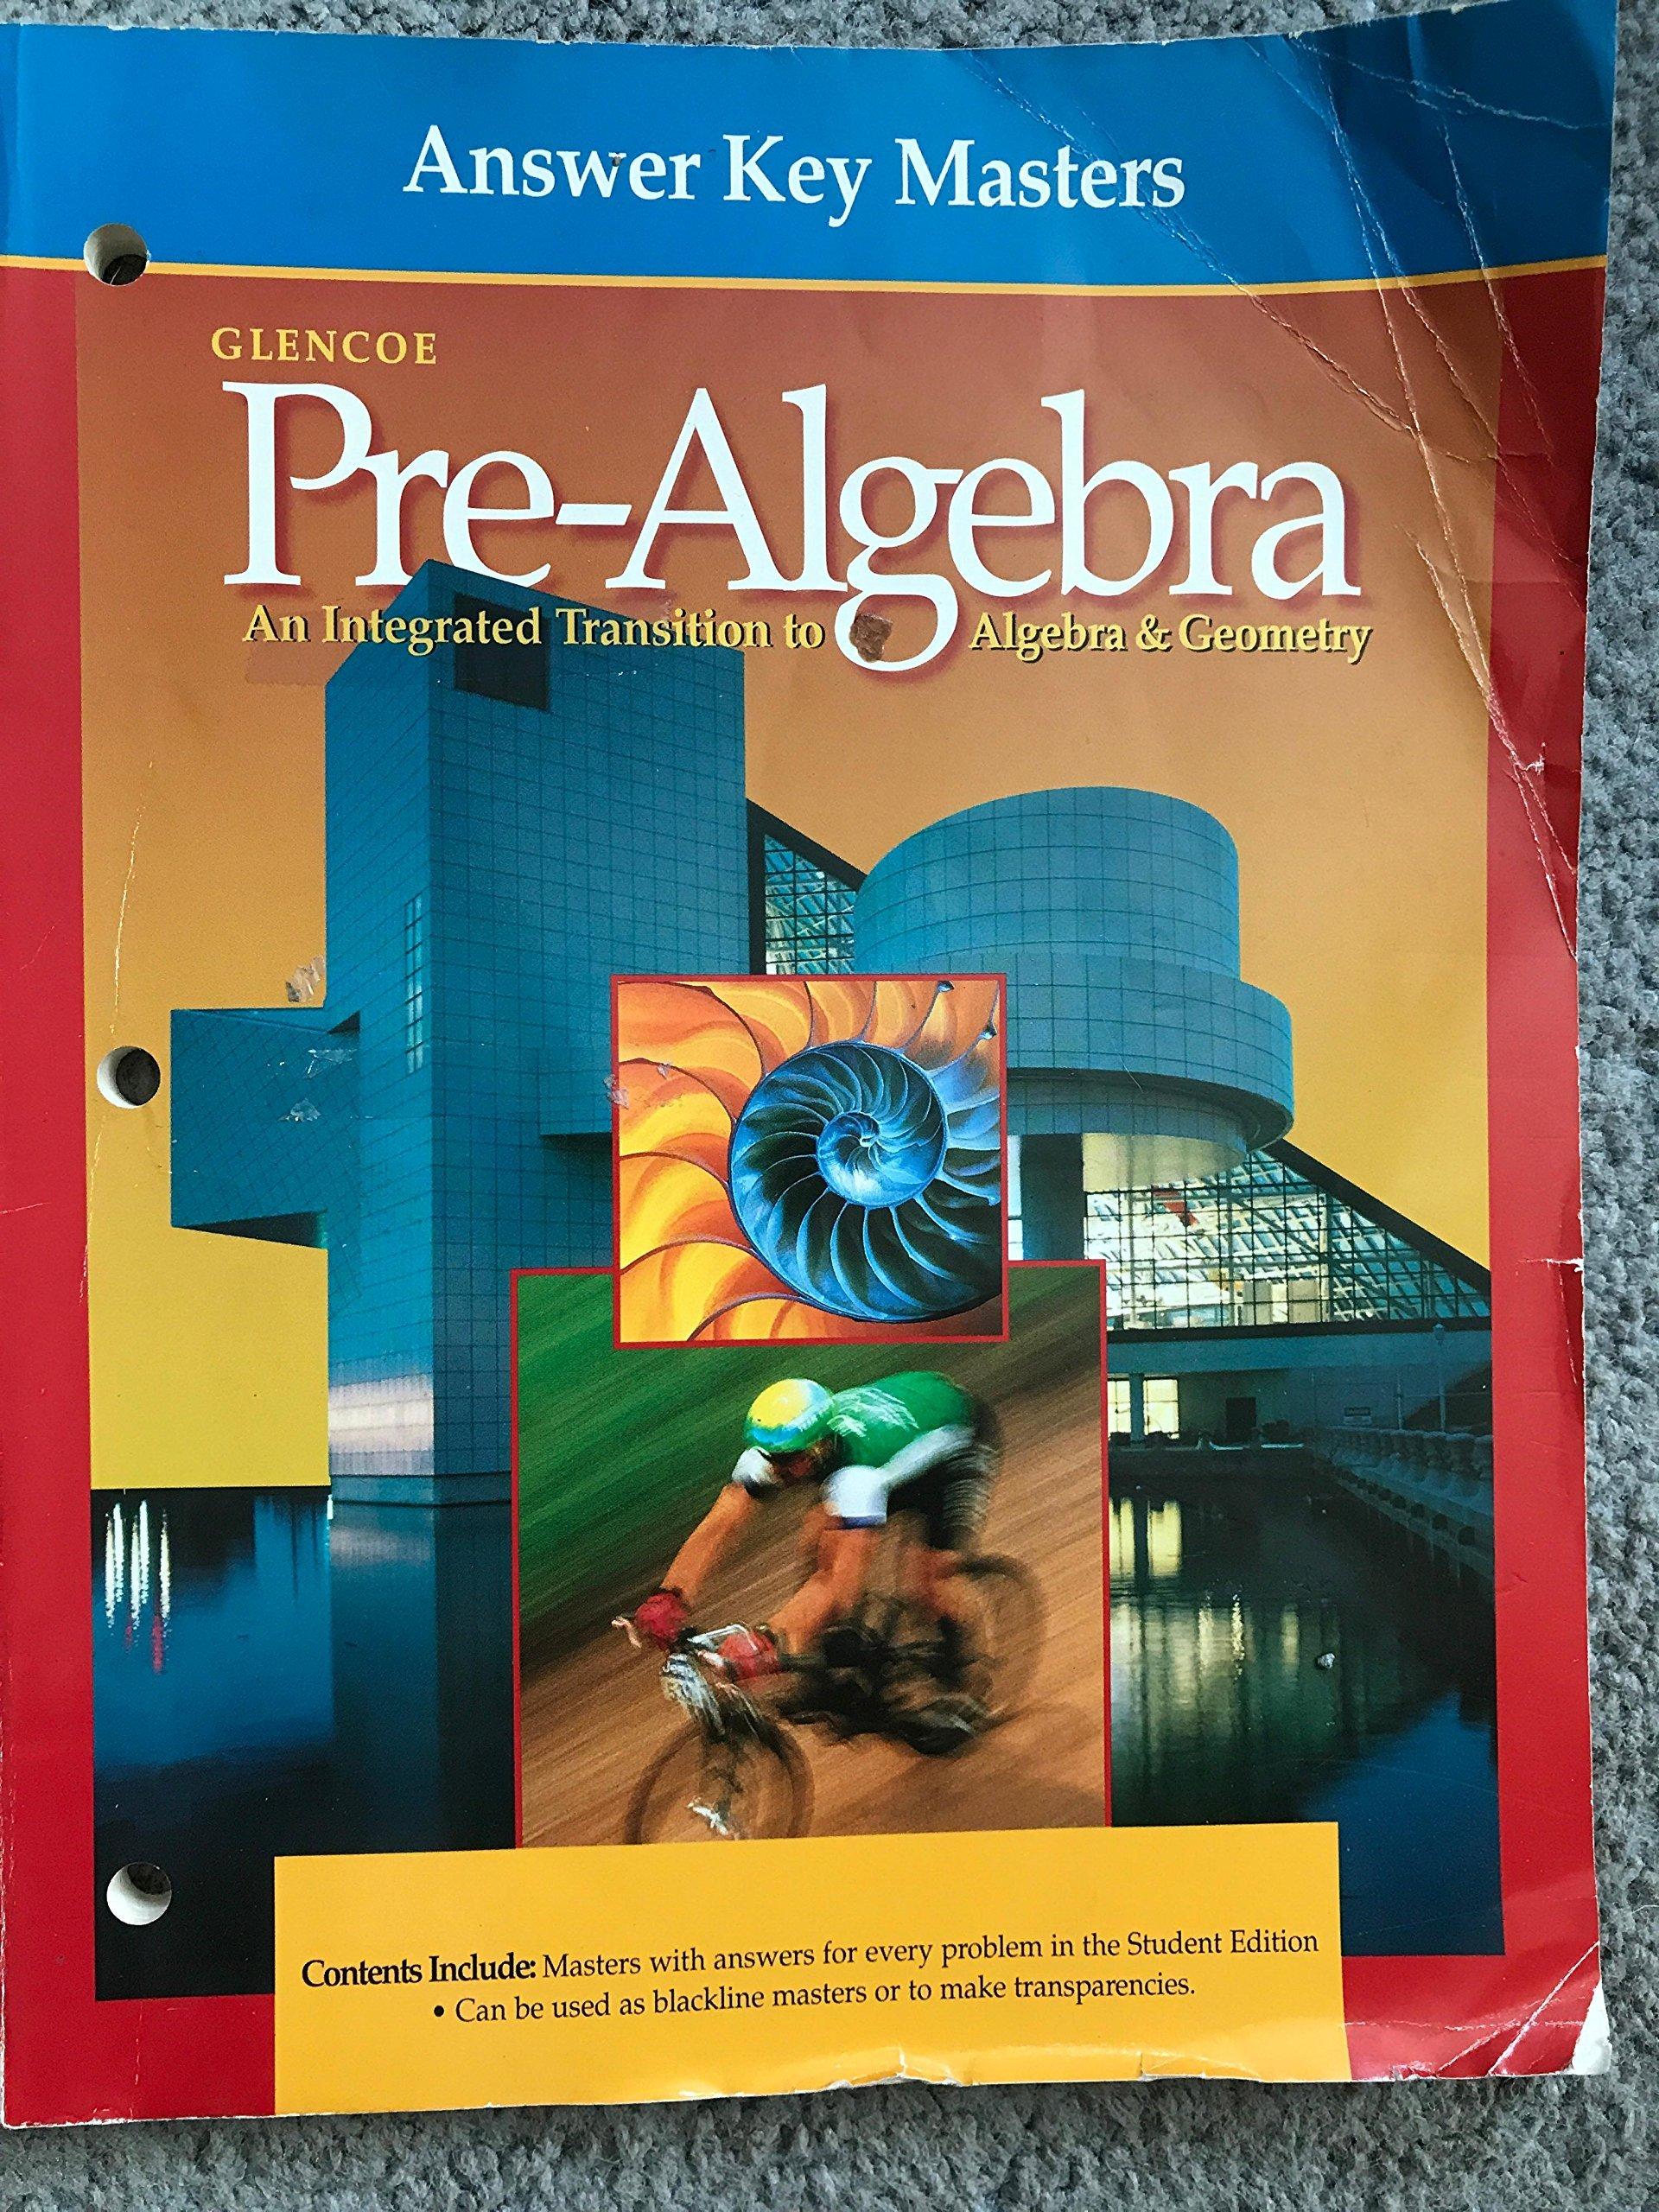 Answer Key Masters (Glencoe Pre-Algebra) (Glencoe Pre-Algebra ...